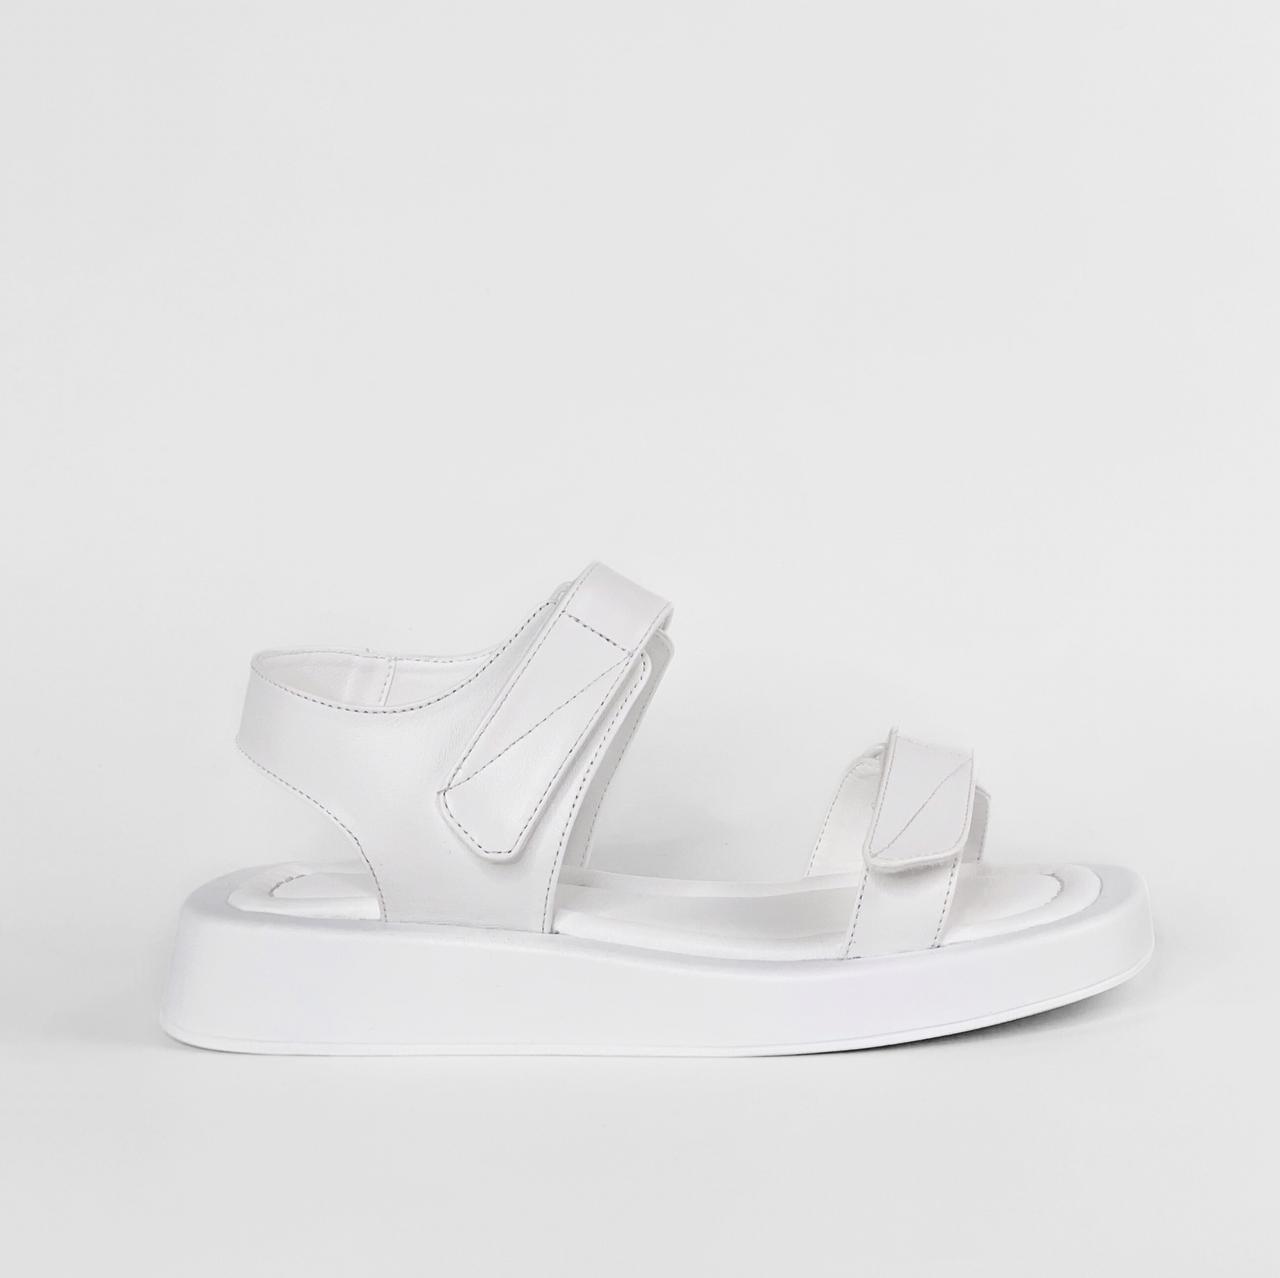 Сандалии женские кожаные белые на липучках MORENTO